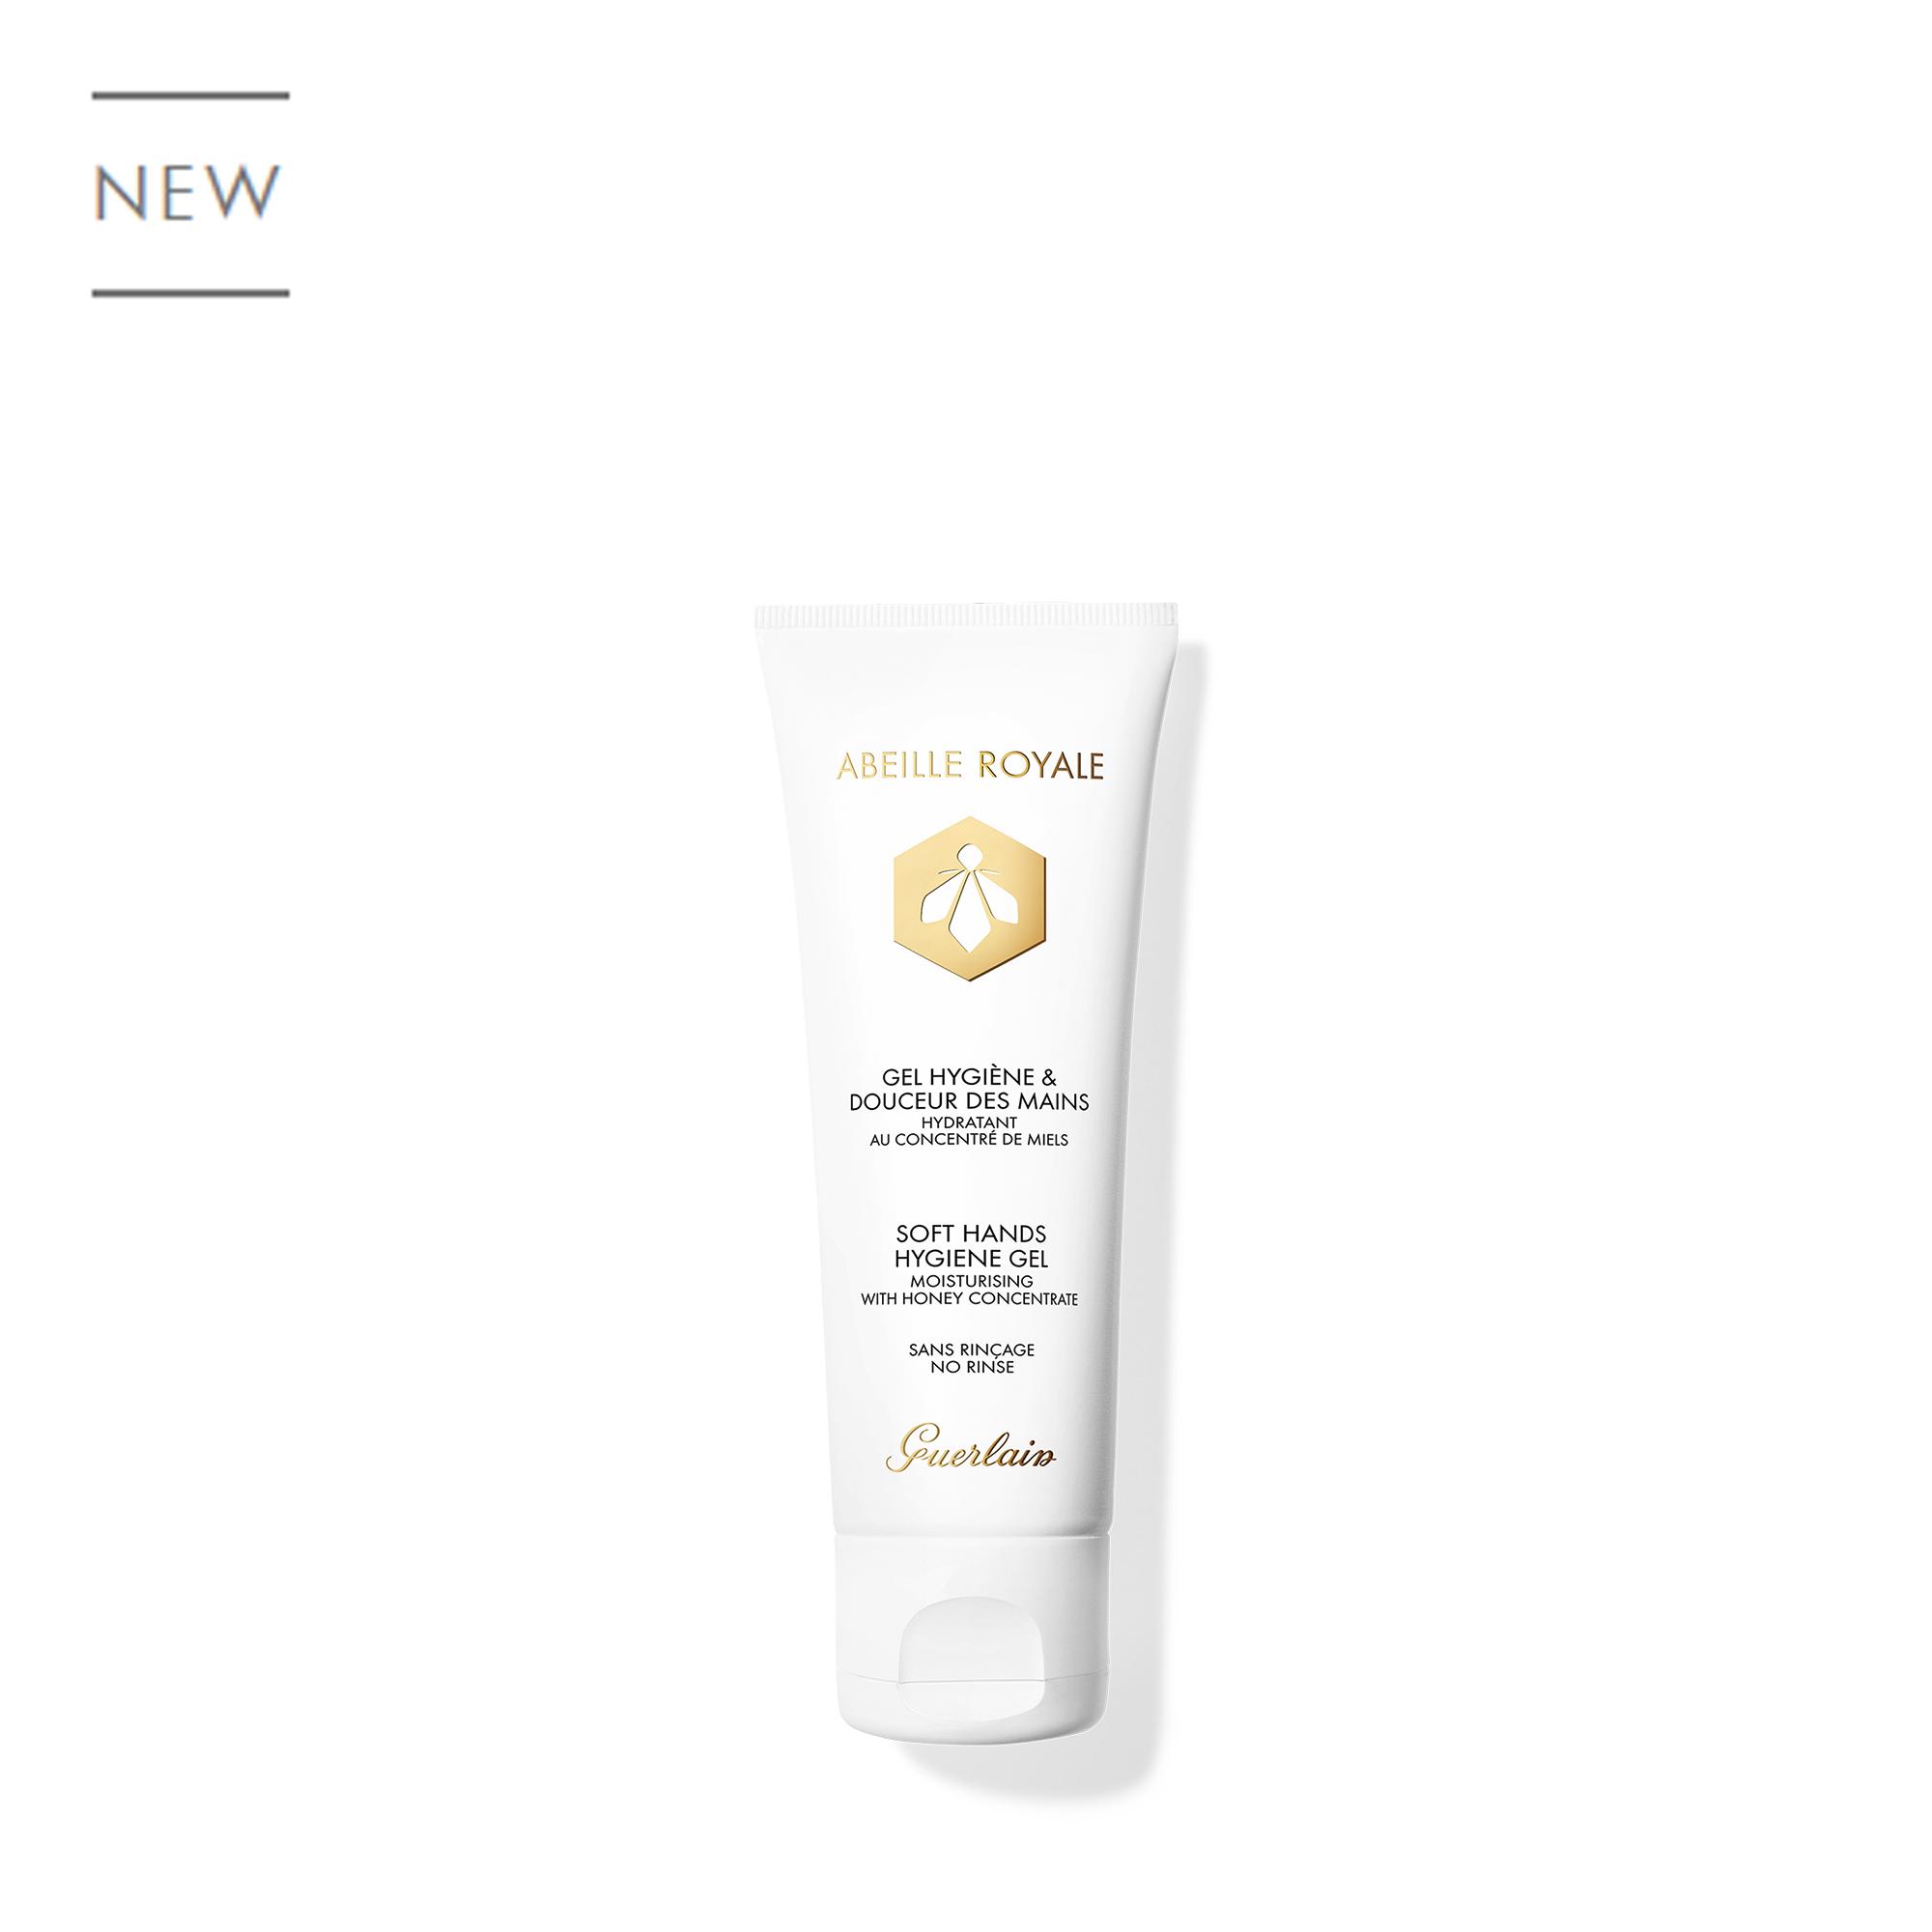 特殊保養配方可在清潔的同時並為雙手保濕修護,使用後,雙手肌膚可達潔淨與極致柔軟水嫩質地細緻,塗抹在手上清爽不滑膩,並可迅速撫平肌膚,留下保濕薄膜與細緻、舒柔的純淨蜂蜜香氣